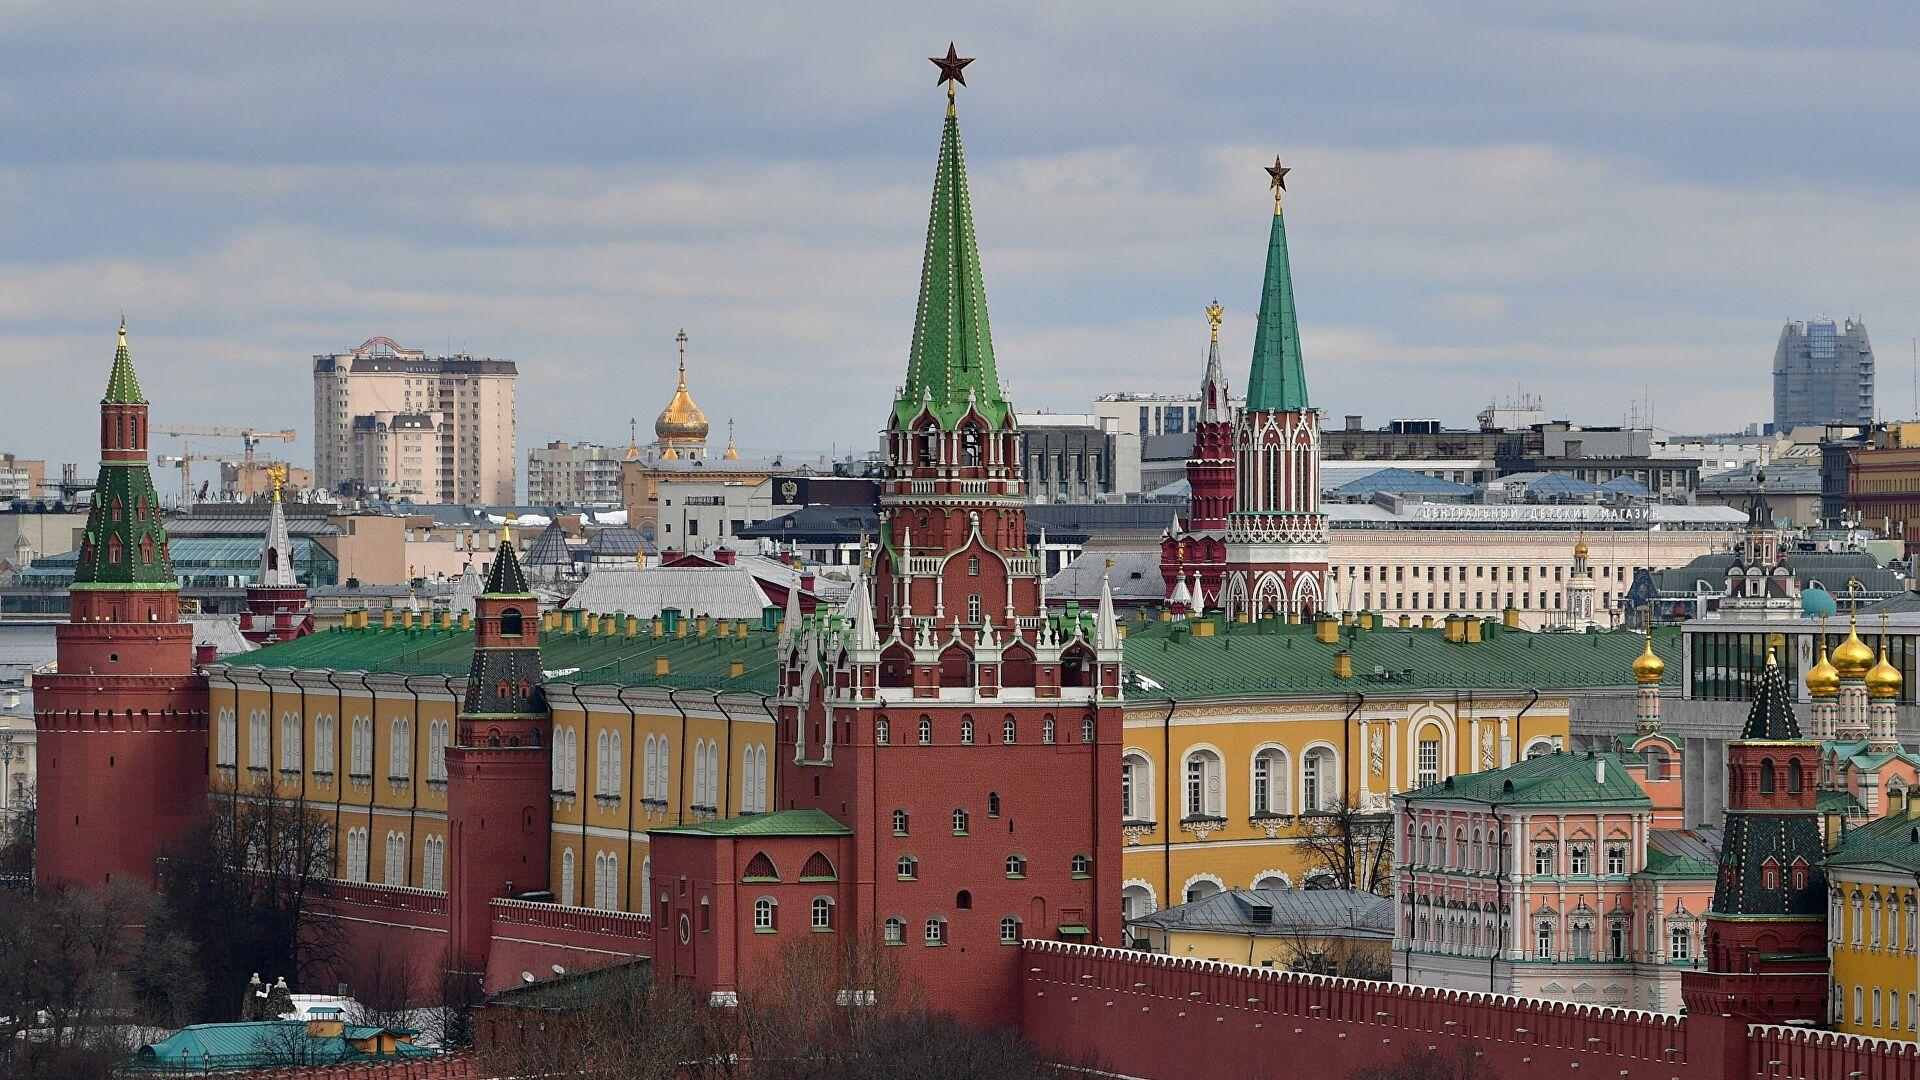 Кремљ позваo Запад да се удаљи од масовне антируске психозе